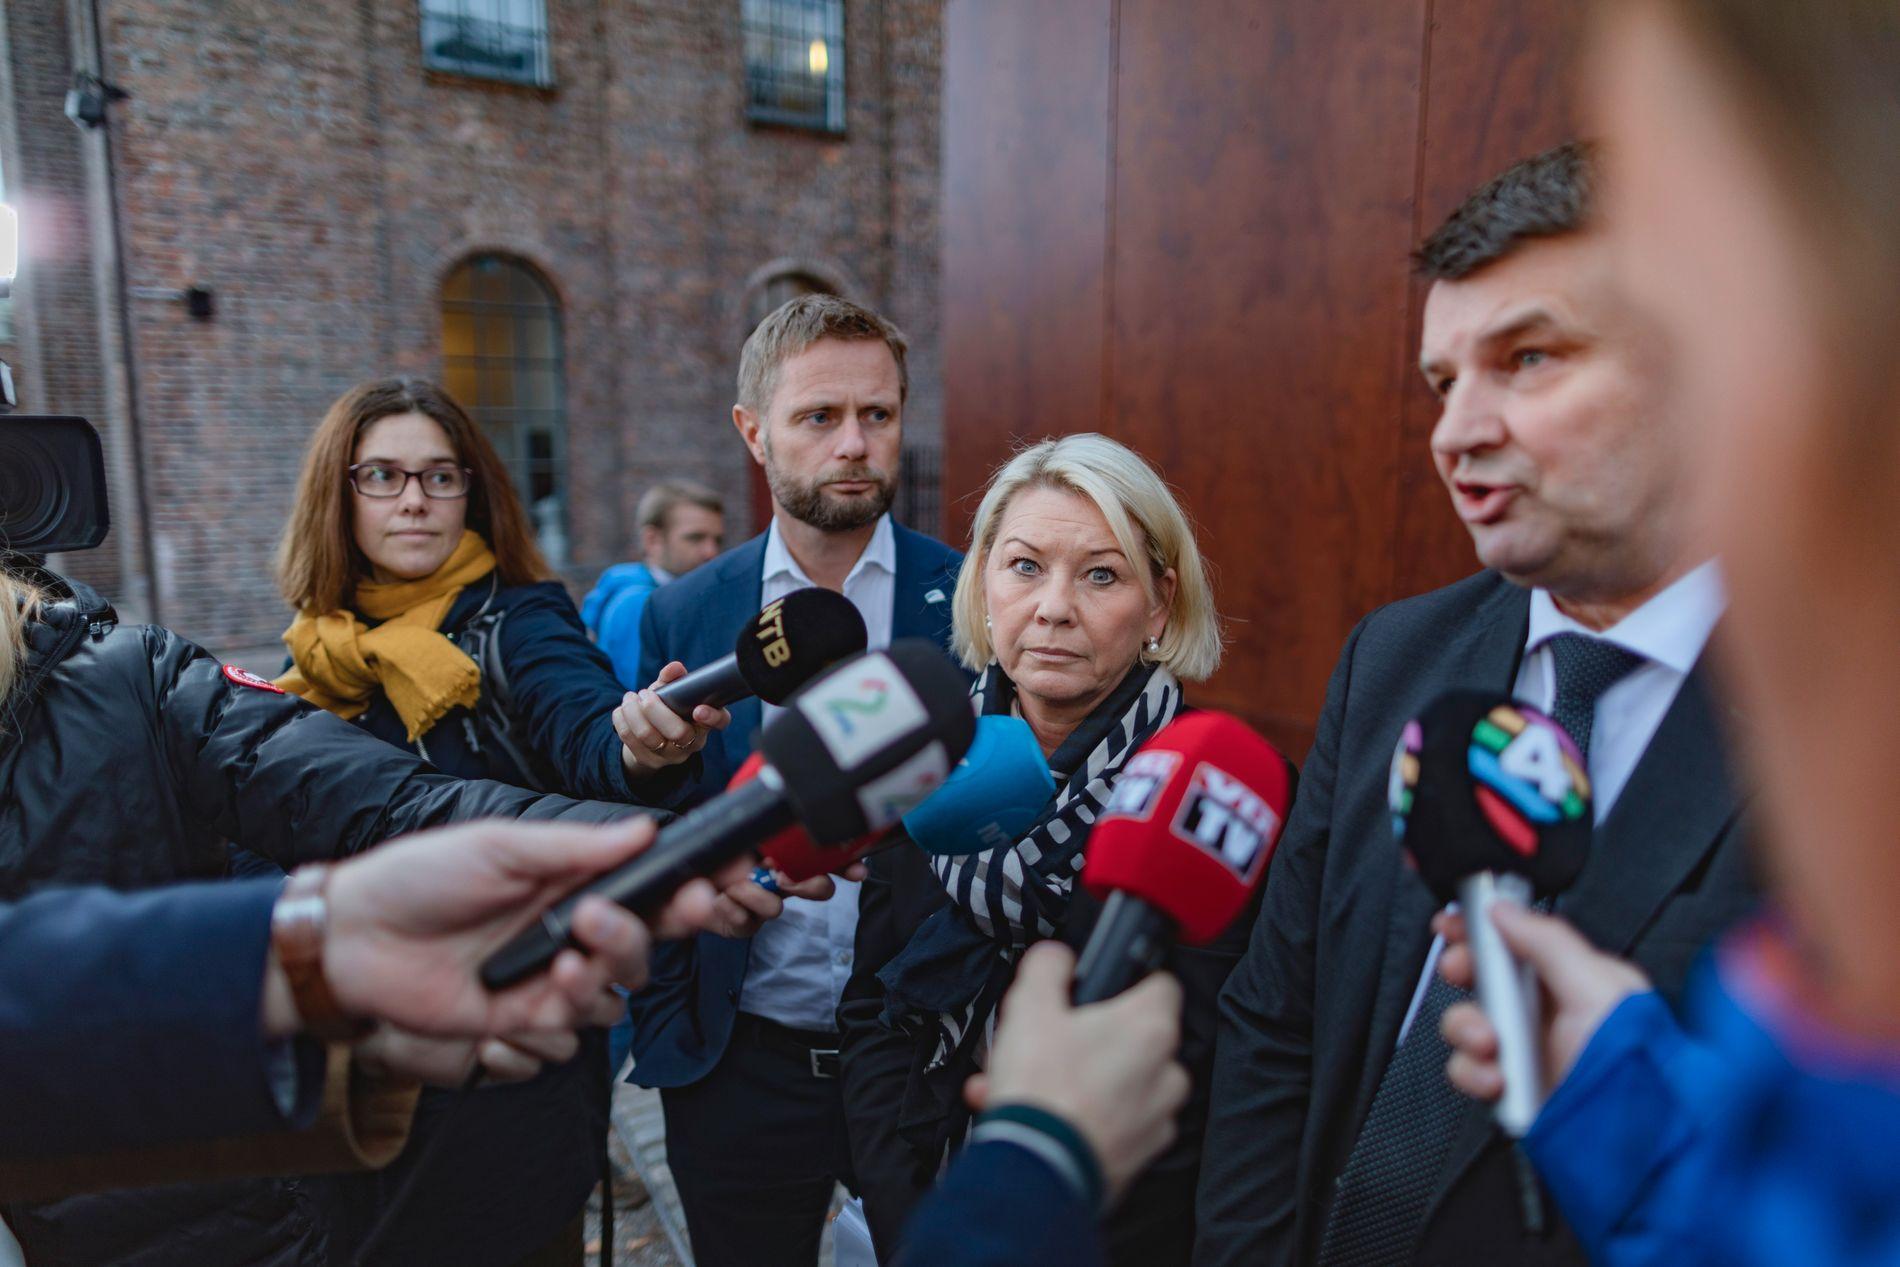 KREVER SVAR: Justisminister Tor Mikkel Wara (t.h.) varslet sammen med kommunalminister Monica Mæland og helseminister Bent Høie, en granskning av Tolga-saken og vergemålsordningen i høst.